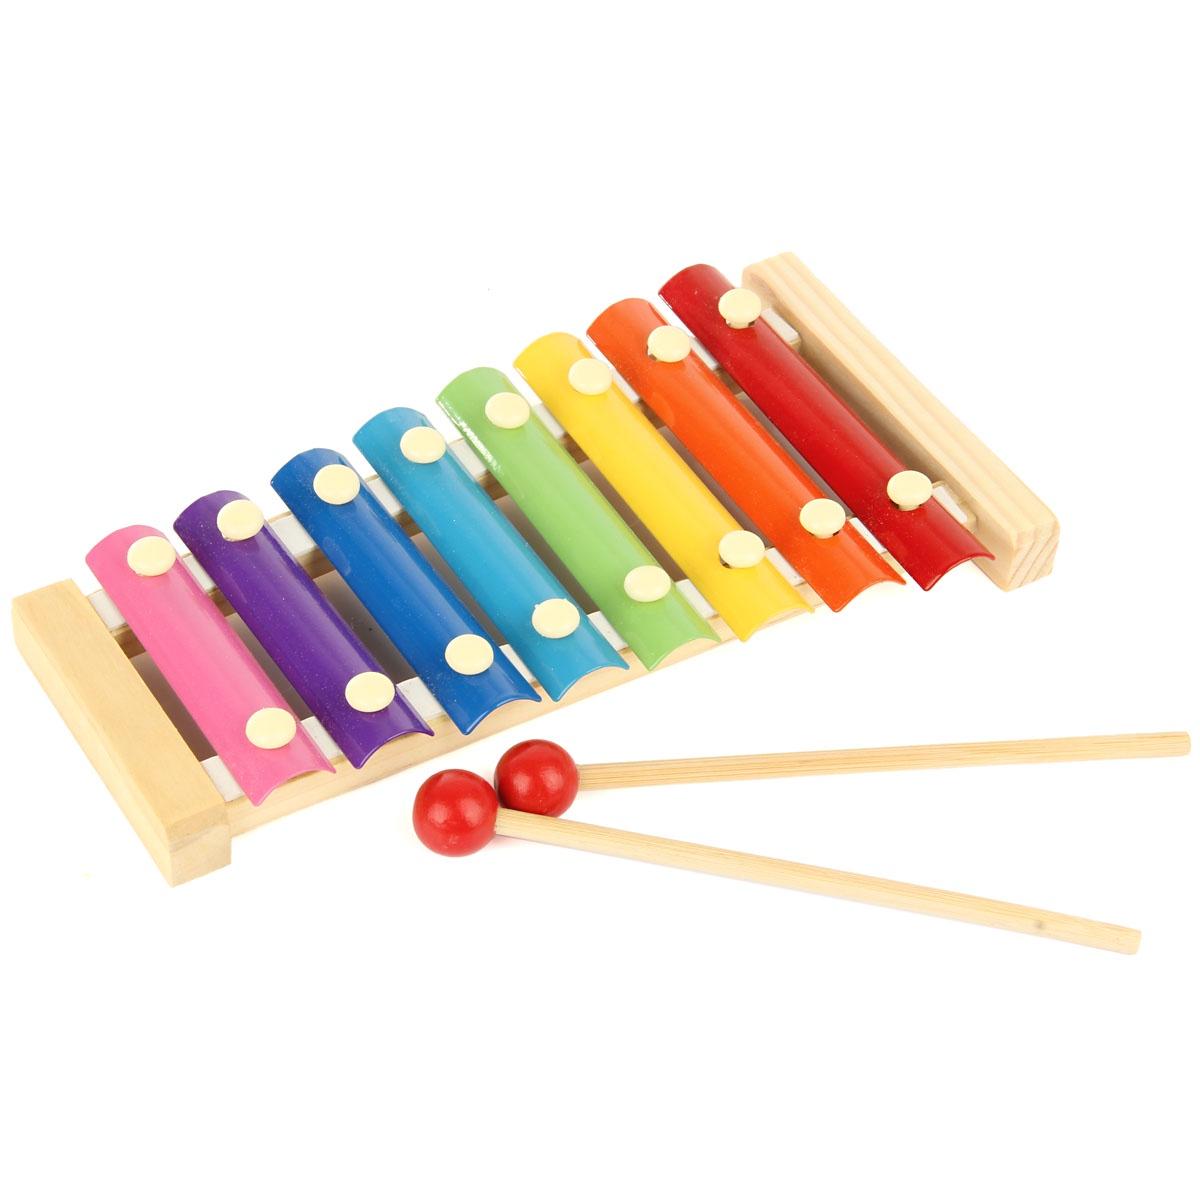 Детский музыкальный инструмент Фабрика Фантазий Металлофон музыкальный инструмент 4 буквы сканворд